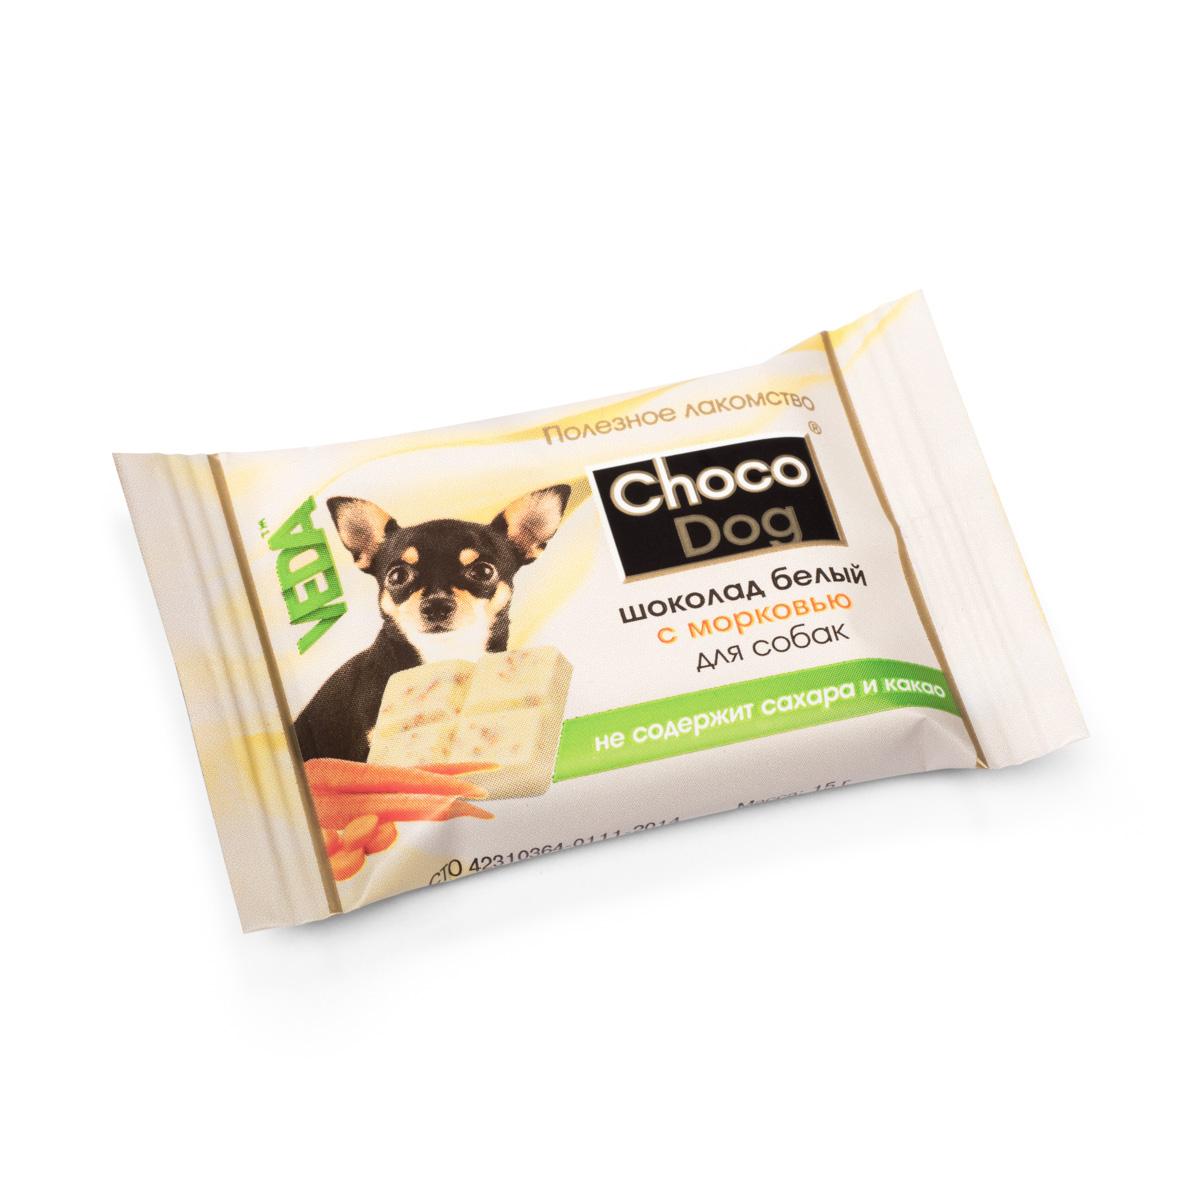 Лакомство для собак VEDA Choco Dog, белый шоколад с морковью, 15 г4605543006593Лакомство для собак VEDA Choco Dog представляет собой дополнительный функциональный корм для непродуктивных животных, предназначенный для использования в качестве лакомства с целью поощрения и дрессуры животных. Сладкое лакомство для собак, обогащённое полезным наполнителем.В состав лакомств серии Шоколад с полезным наполнителем введены натуральные ингредиенты, которые известны своим полезным действием на организм:- морковь способствует профилактике сердечных и глазных заболеваний;- инулин (пребиотик) поддерживает полезную микрофлору кишечника;- рис благодаря наличию витаминов группы В, витамина Е, ряда микроэлементов полезен для костей, сердца и сосудов.Состав: заменитель масла какао, лактоза, сухая молочная сыворотка, морковь сушеная, пивные дрожжи, лецитин, стевиозид, пищевой ароматизатор. Пищевая ценность в 100 г: белки 3,0 г, жиры 40 г, углеводы 55 г.Энергетическая ценность в 100 г: 580 ккал.Товар сертифицирован.